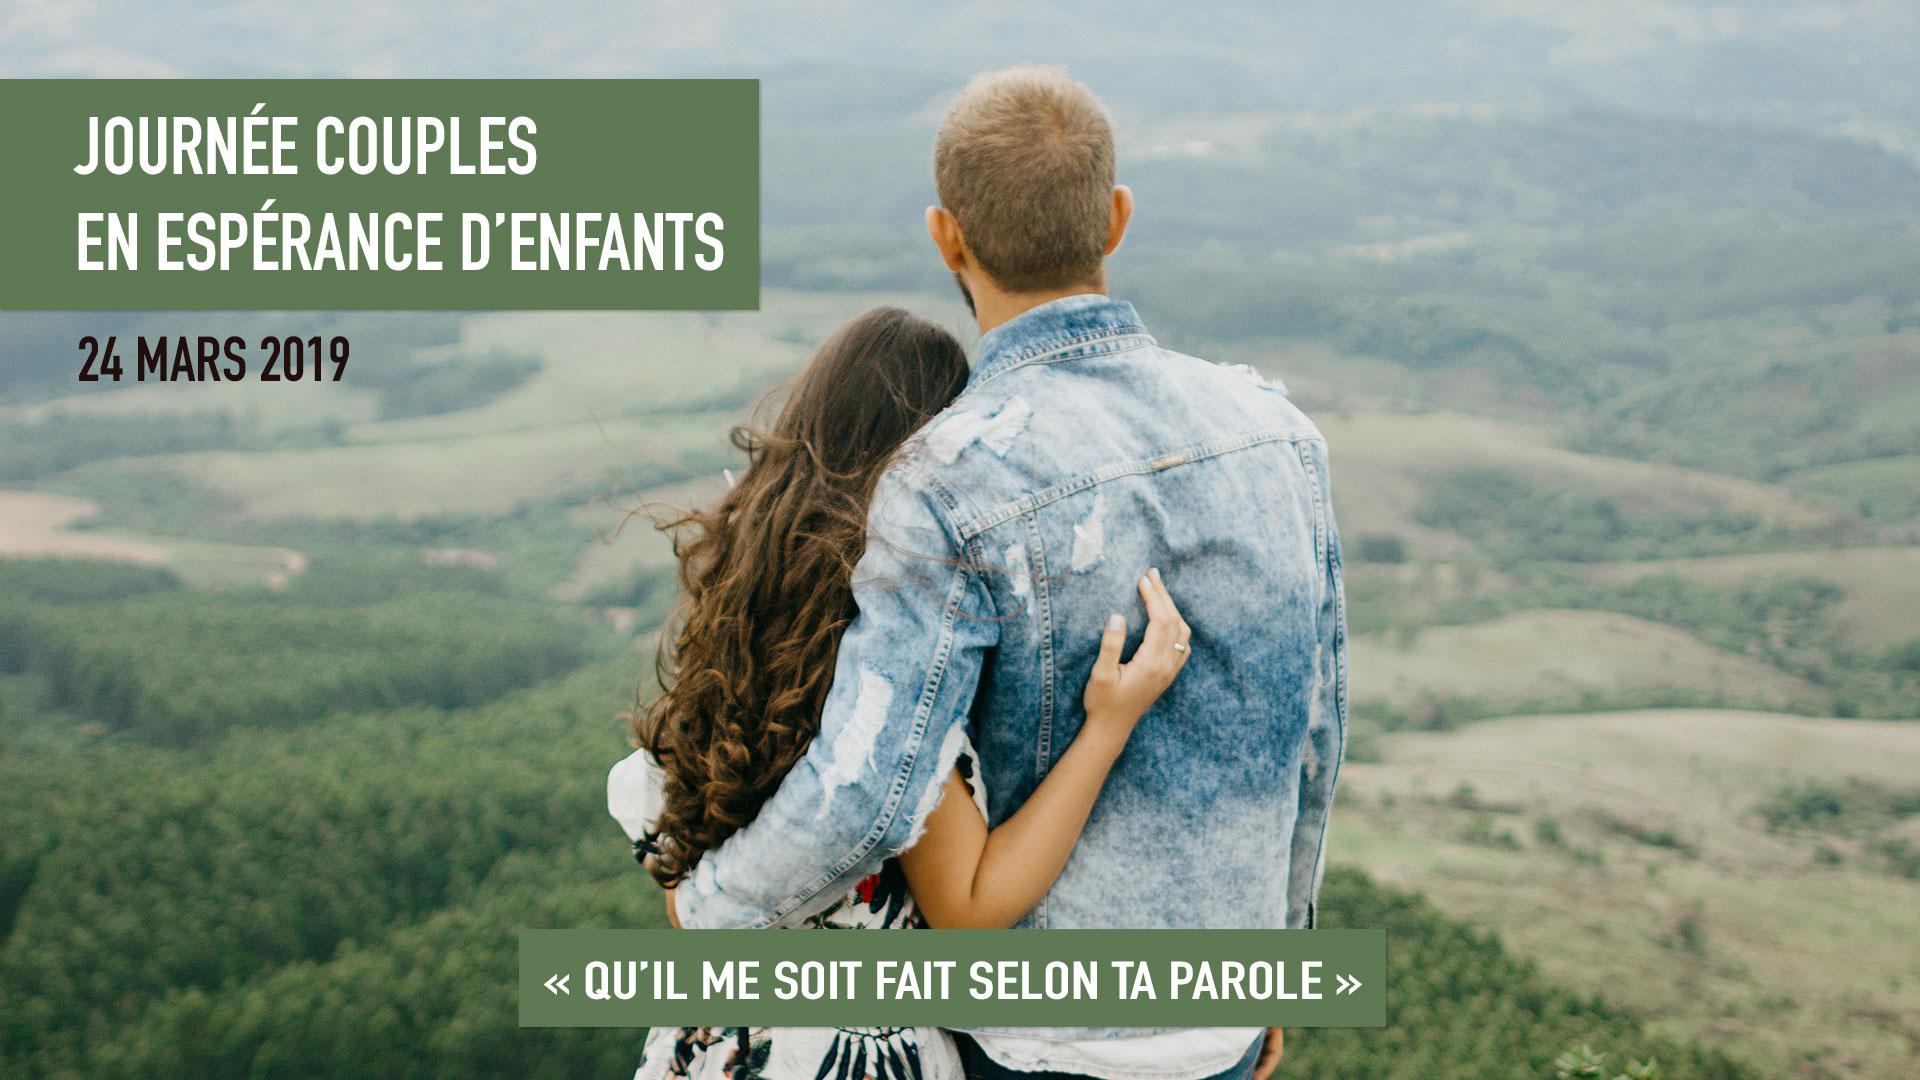 Journée couples en espérance d'enfants le 24 mars 2019 à Alençon (61)